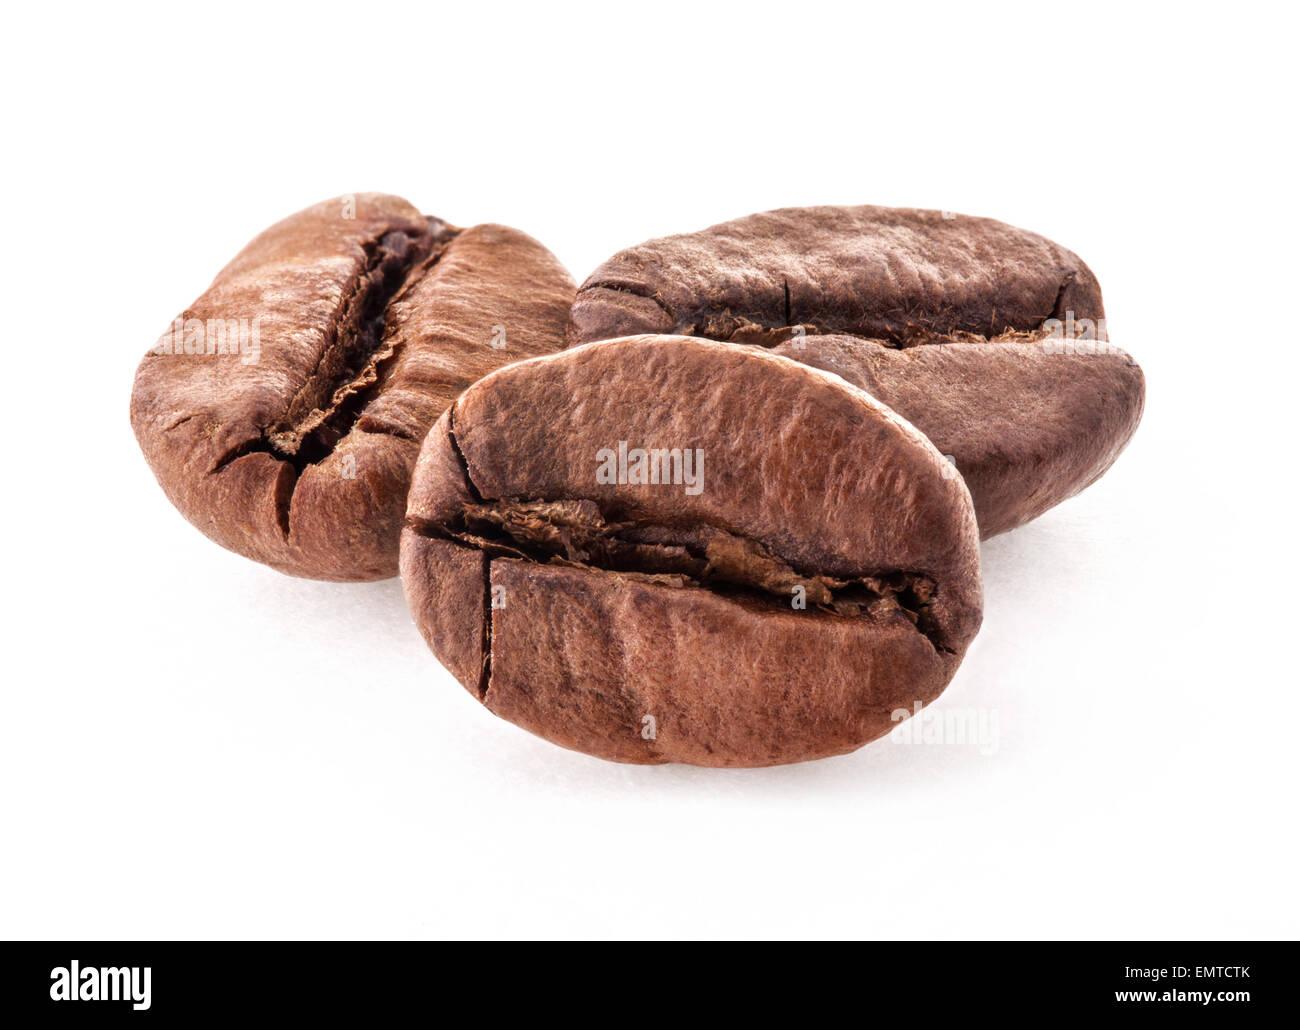 Los granos de café aislado sobre fondo blanco. Foto de stock